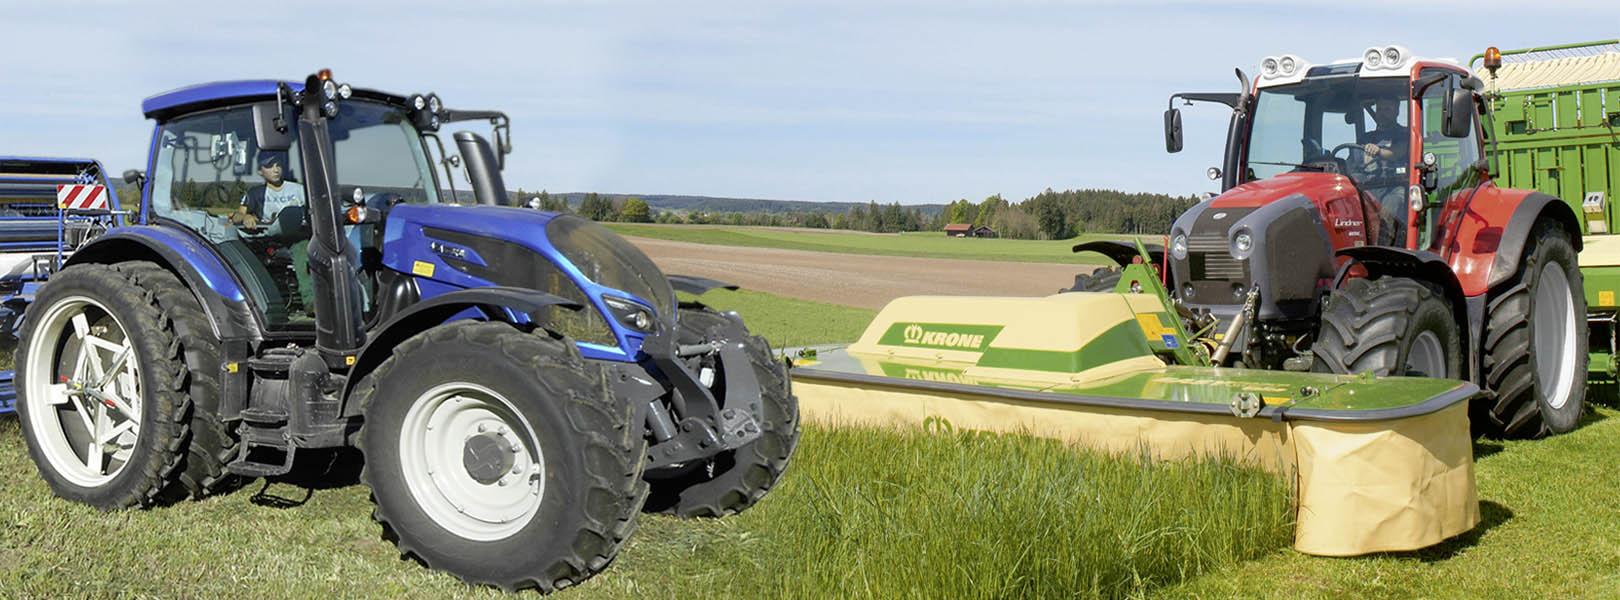 AgroLine - Traktoren und Landmaschinen